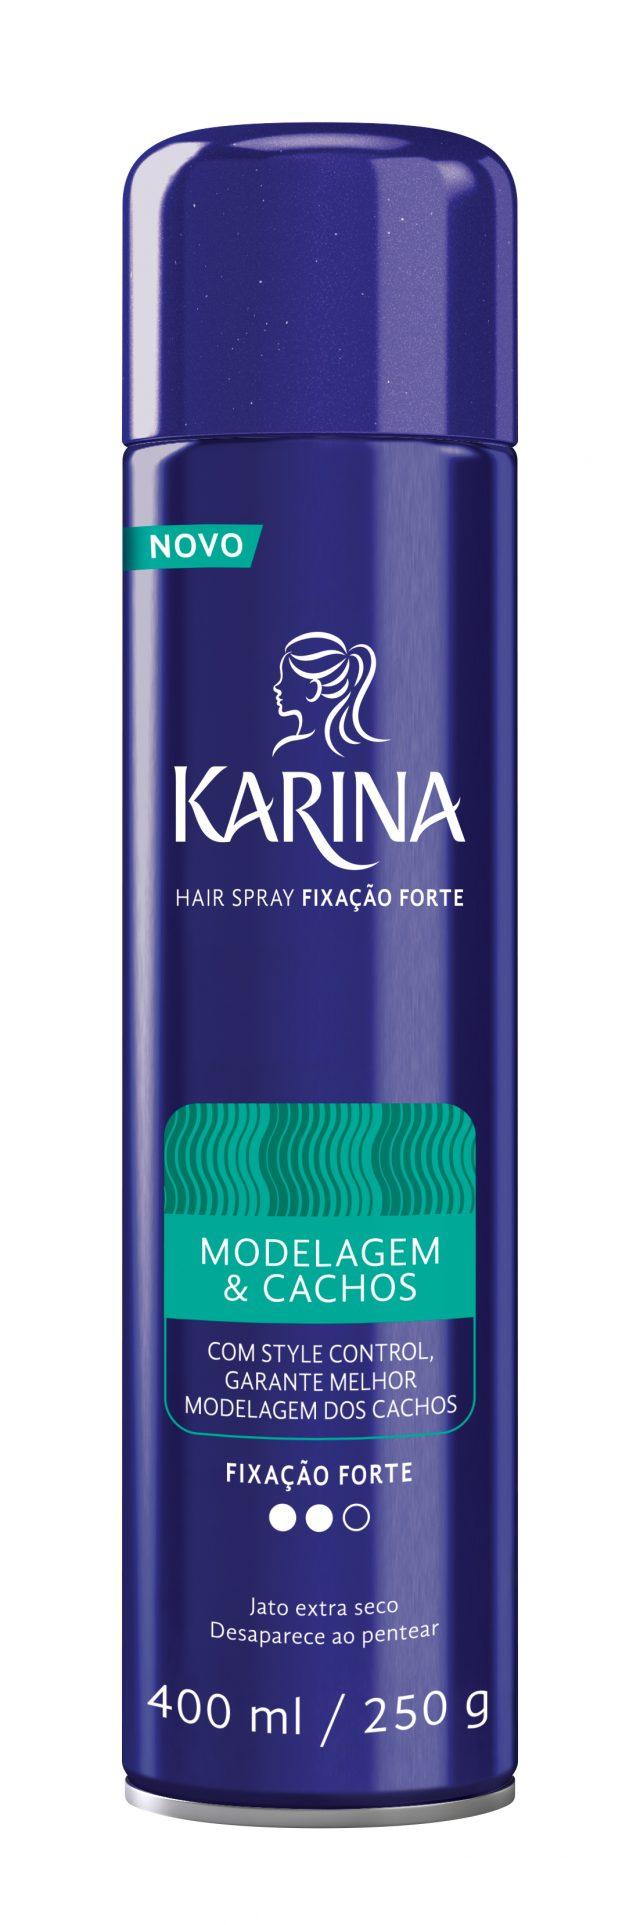 Hair Spray Karina Modelagem & Cachos